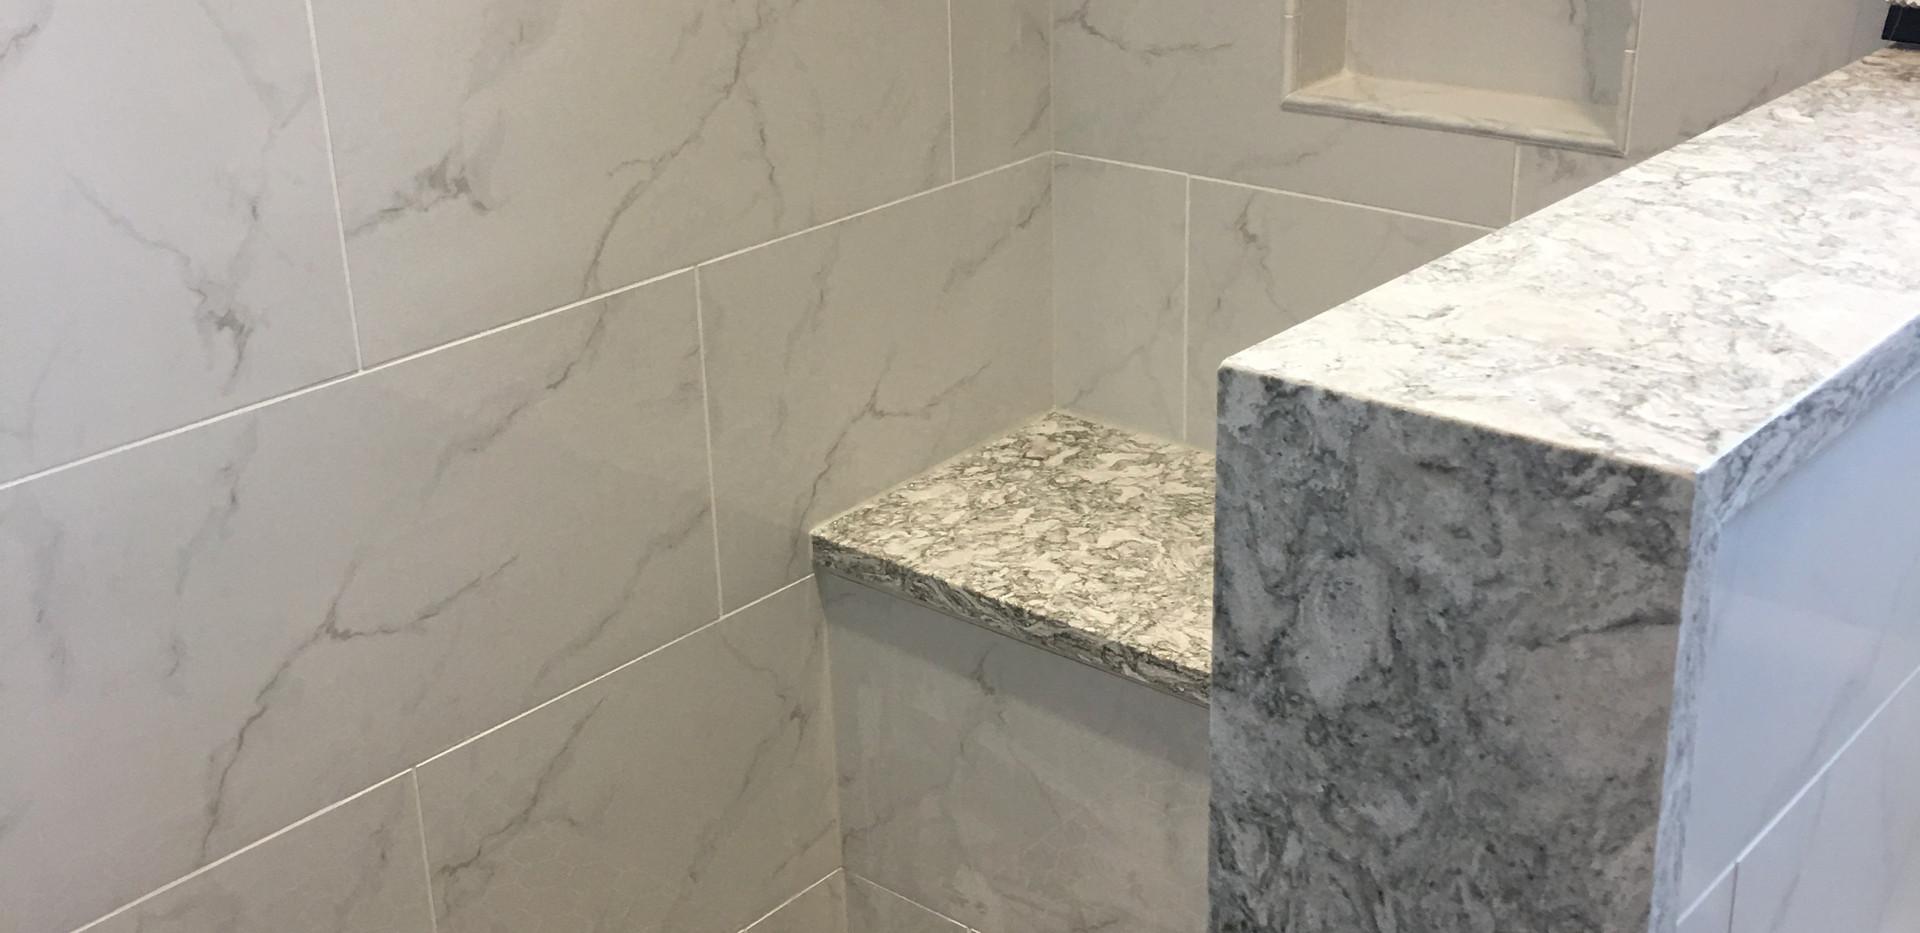 more shower details